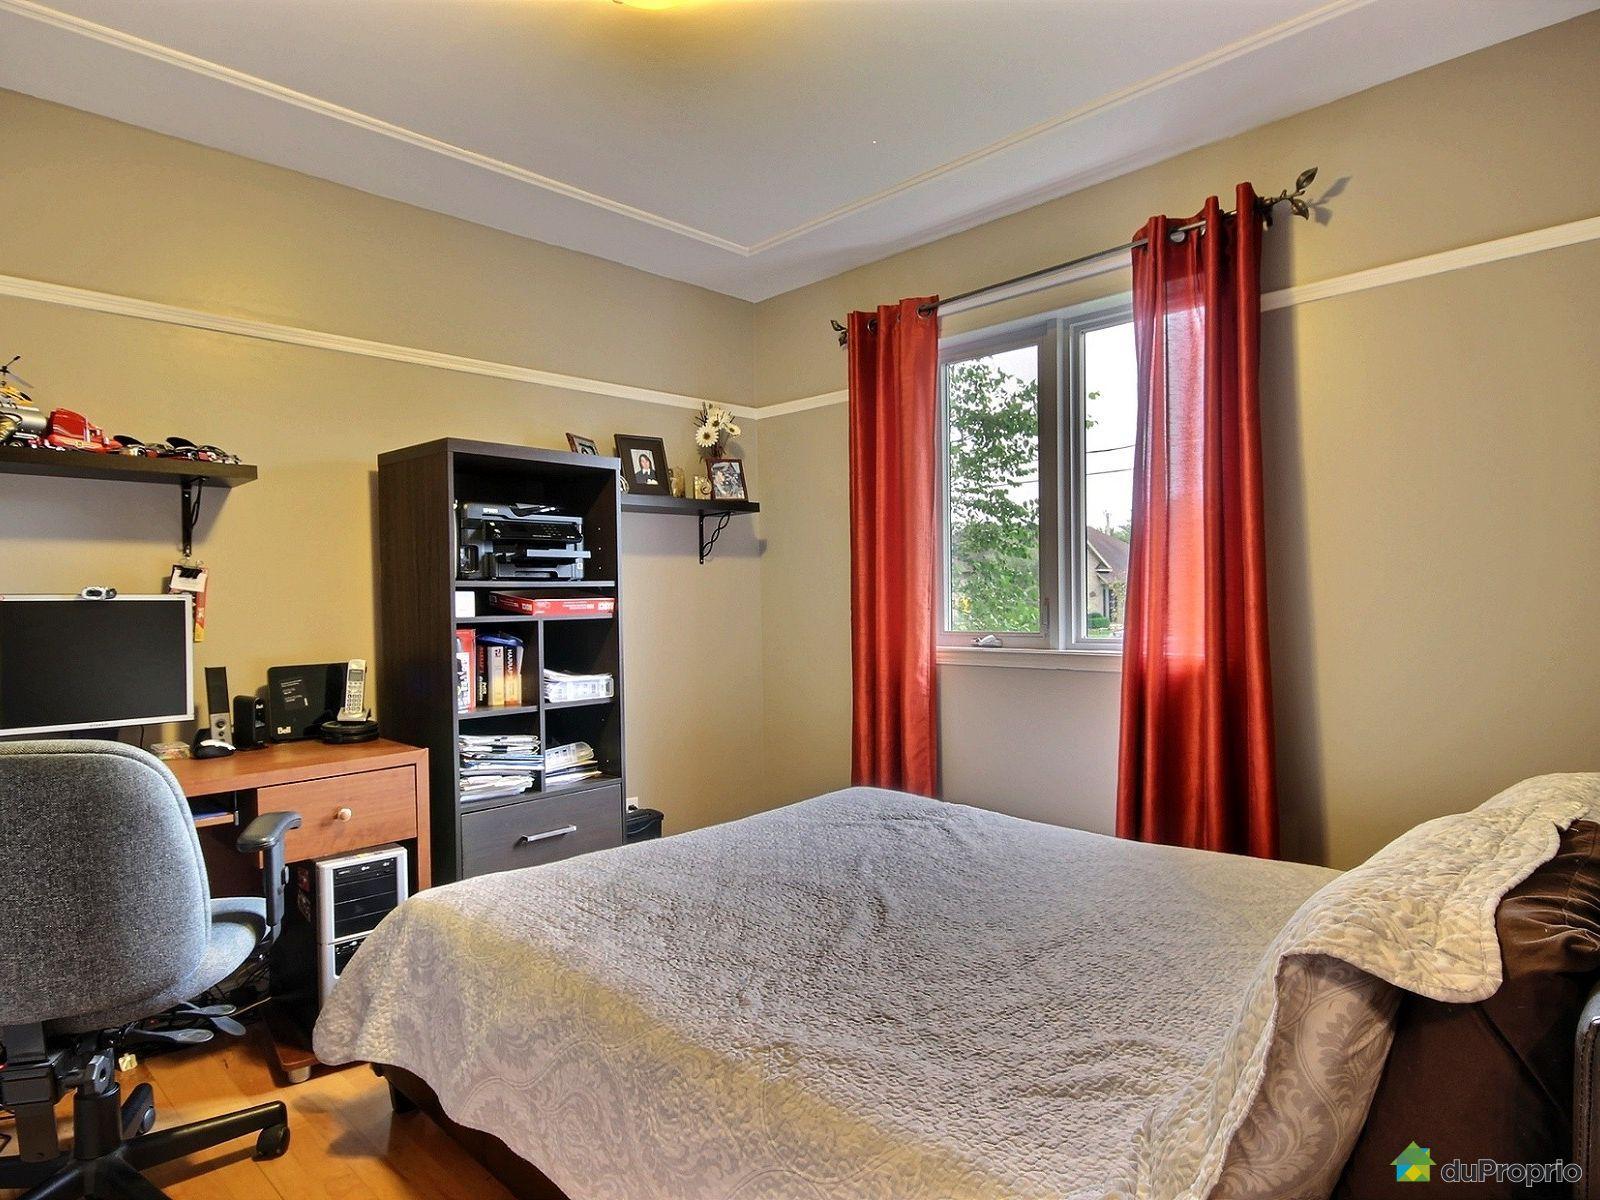 maison vendre cap de la madeleine 1000 rue des harfangs immobilier qu bec duproprio 710553. Black Bedroom Furniture Sets. Home Design Ideas